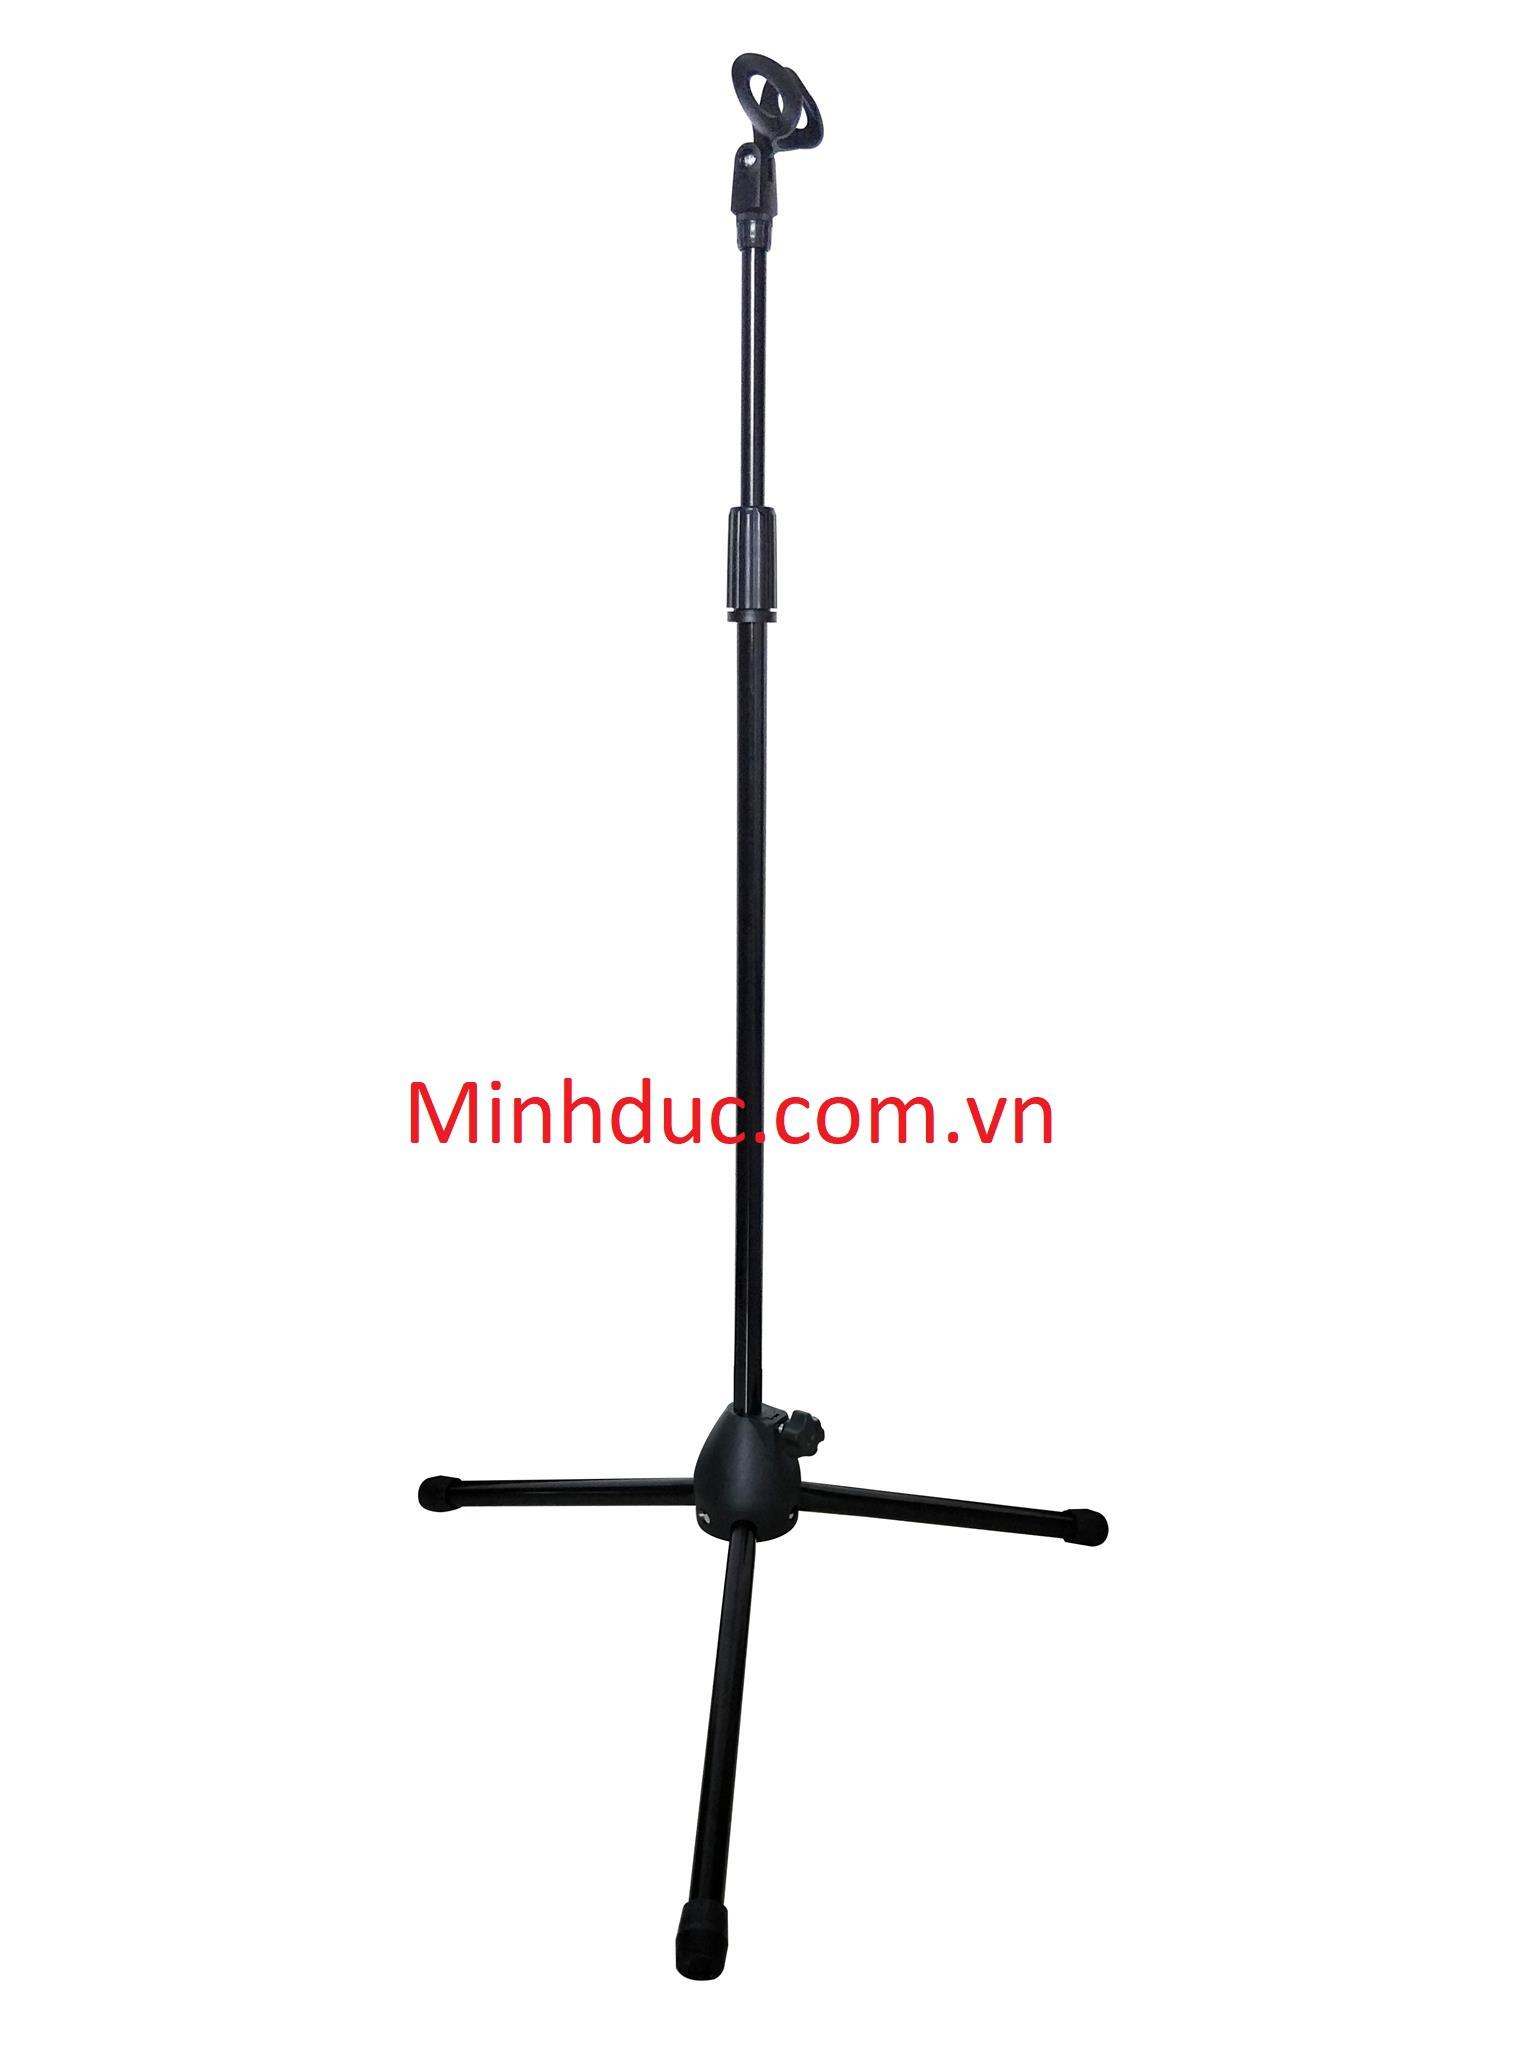 Chân Micro đa năng cao 140cm Chính Hãng